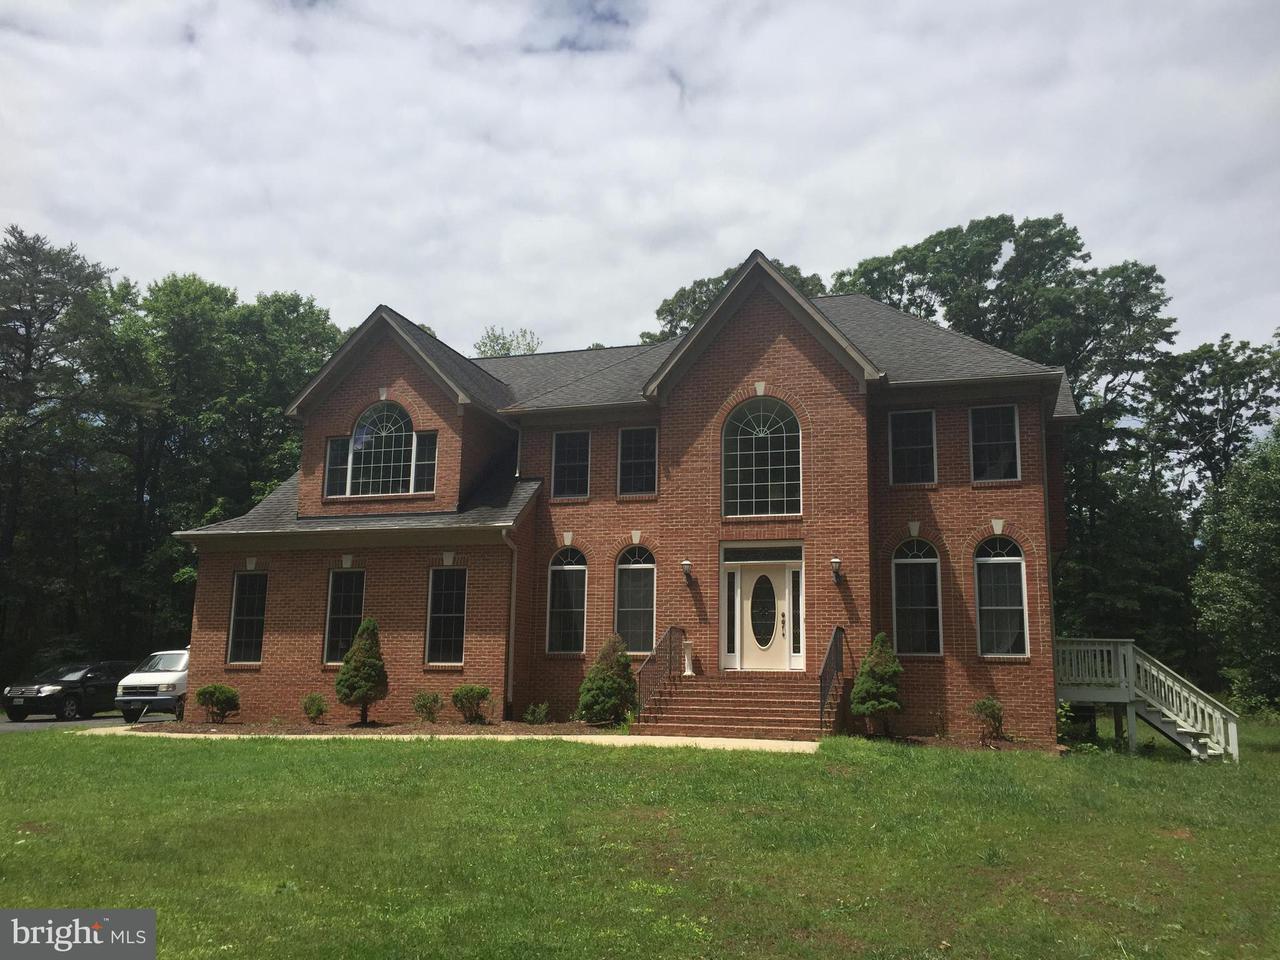 Maison unifamiliale pour l Vente à 11865 BLUE POINT Court 11865 BLUE POINT Court Lusby, Maryland 20657 États-Unis